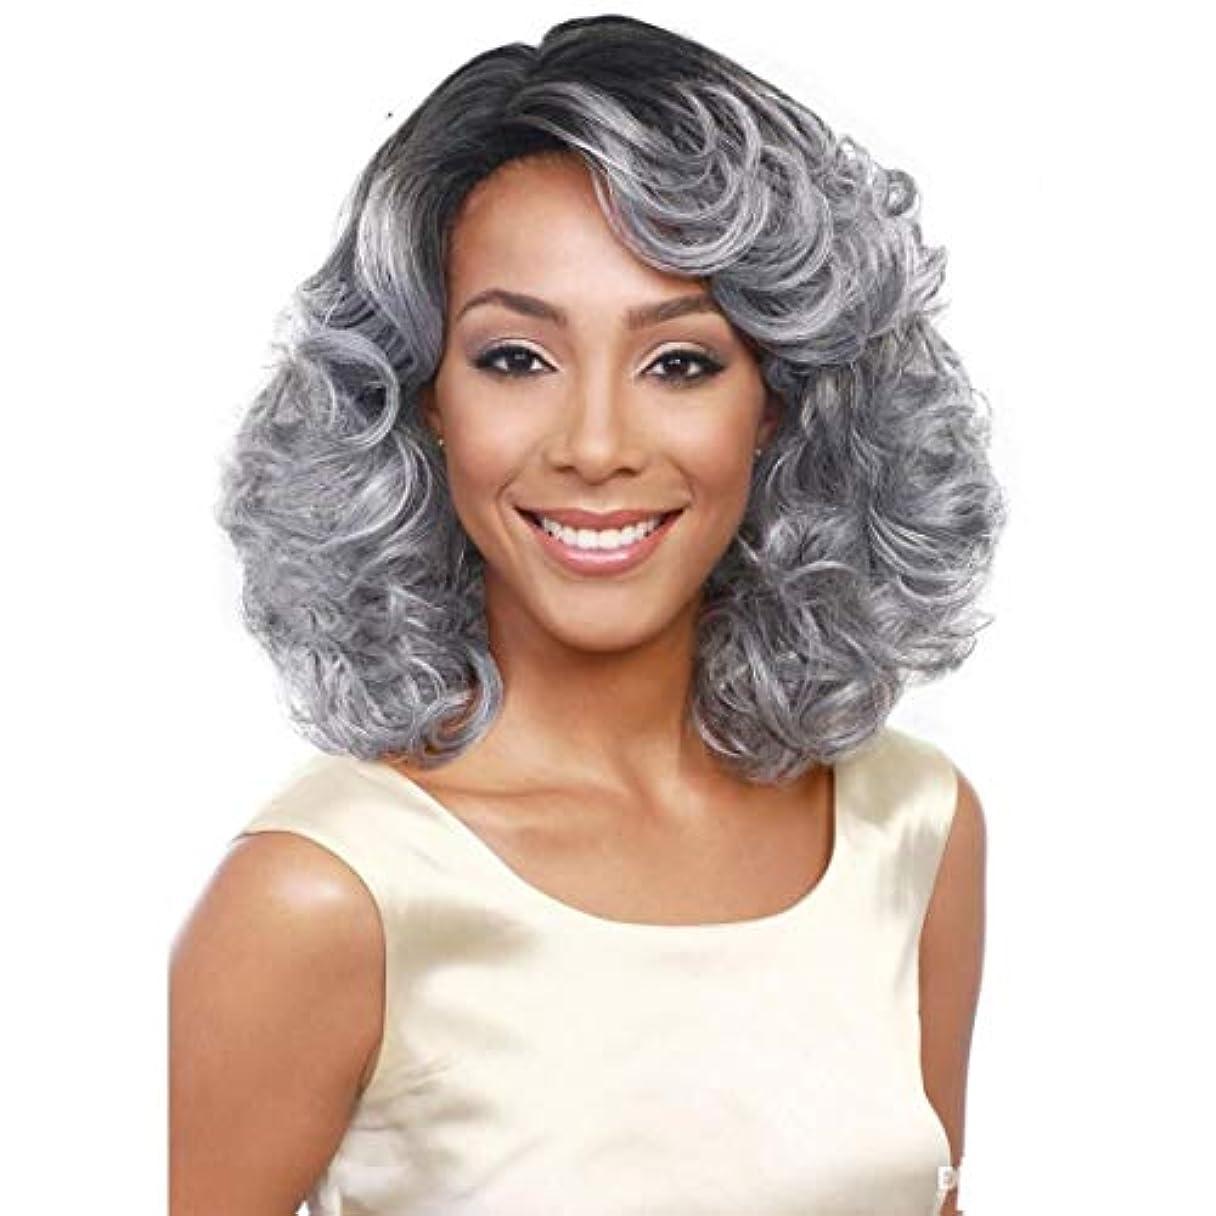 破滅体操下向きSummerys ソフト&スムーズ女性のためのグレーの短い巻き毛の化学繊維高温ワイヤーをかつら